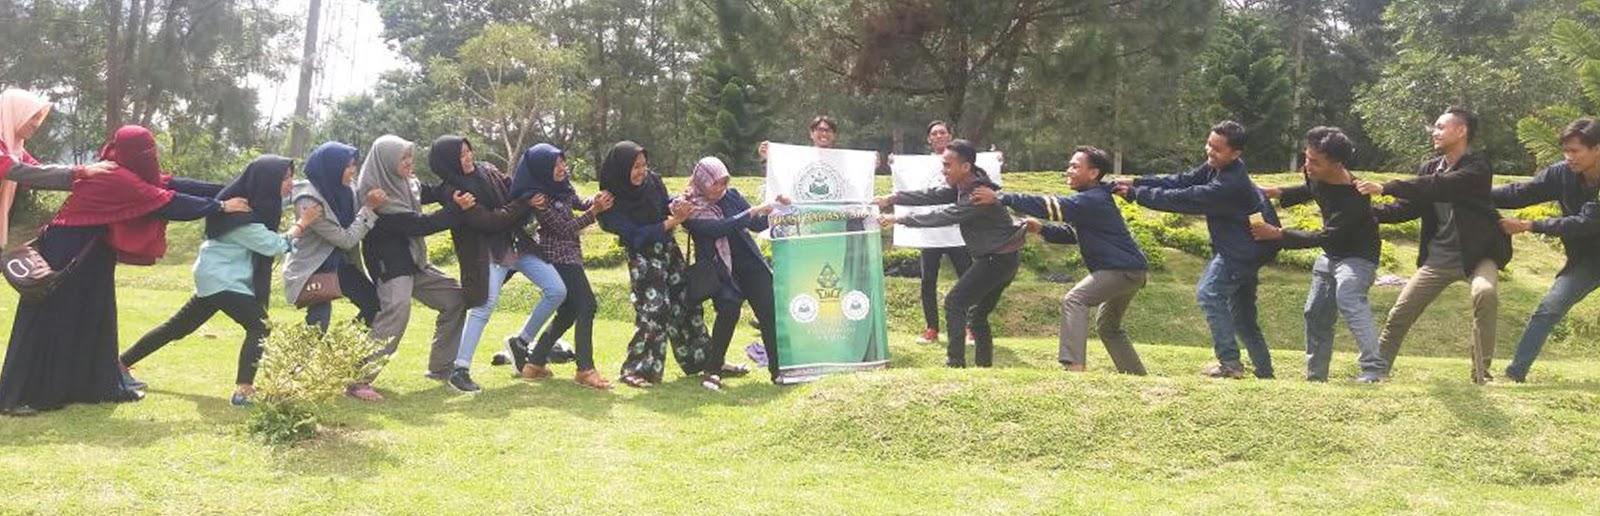 Divisi Arab saat belajar bersama di wisata alam Semarang